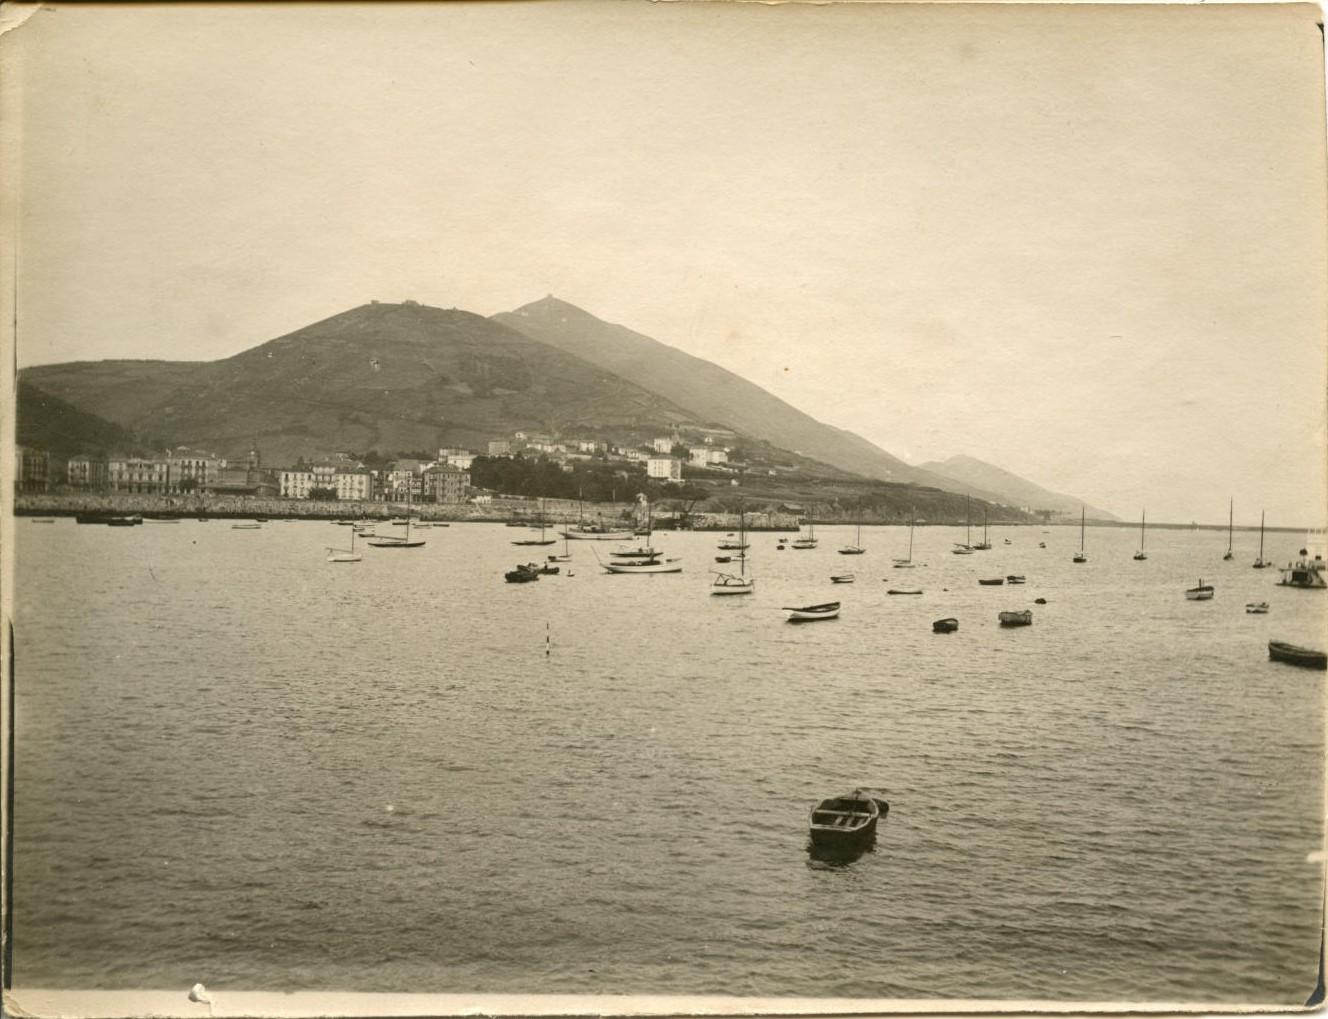 n.-Bahía de la Concha de San Sebastián (Guipúzcoa)